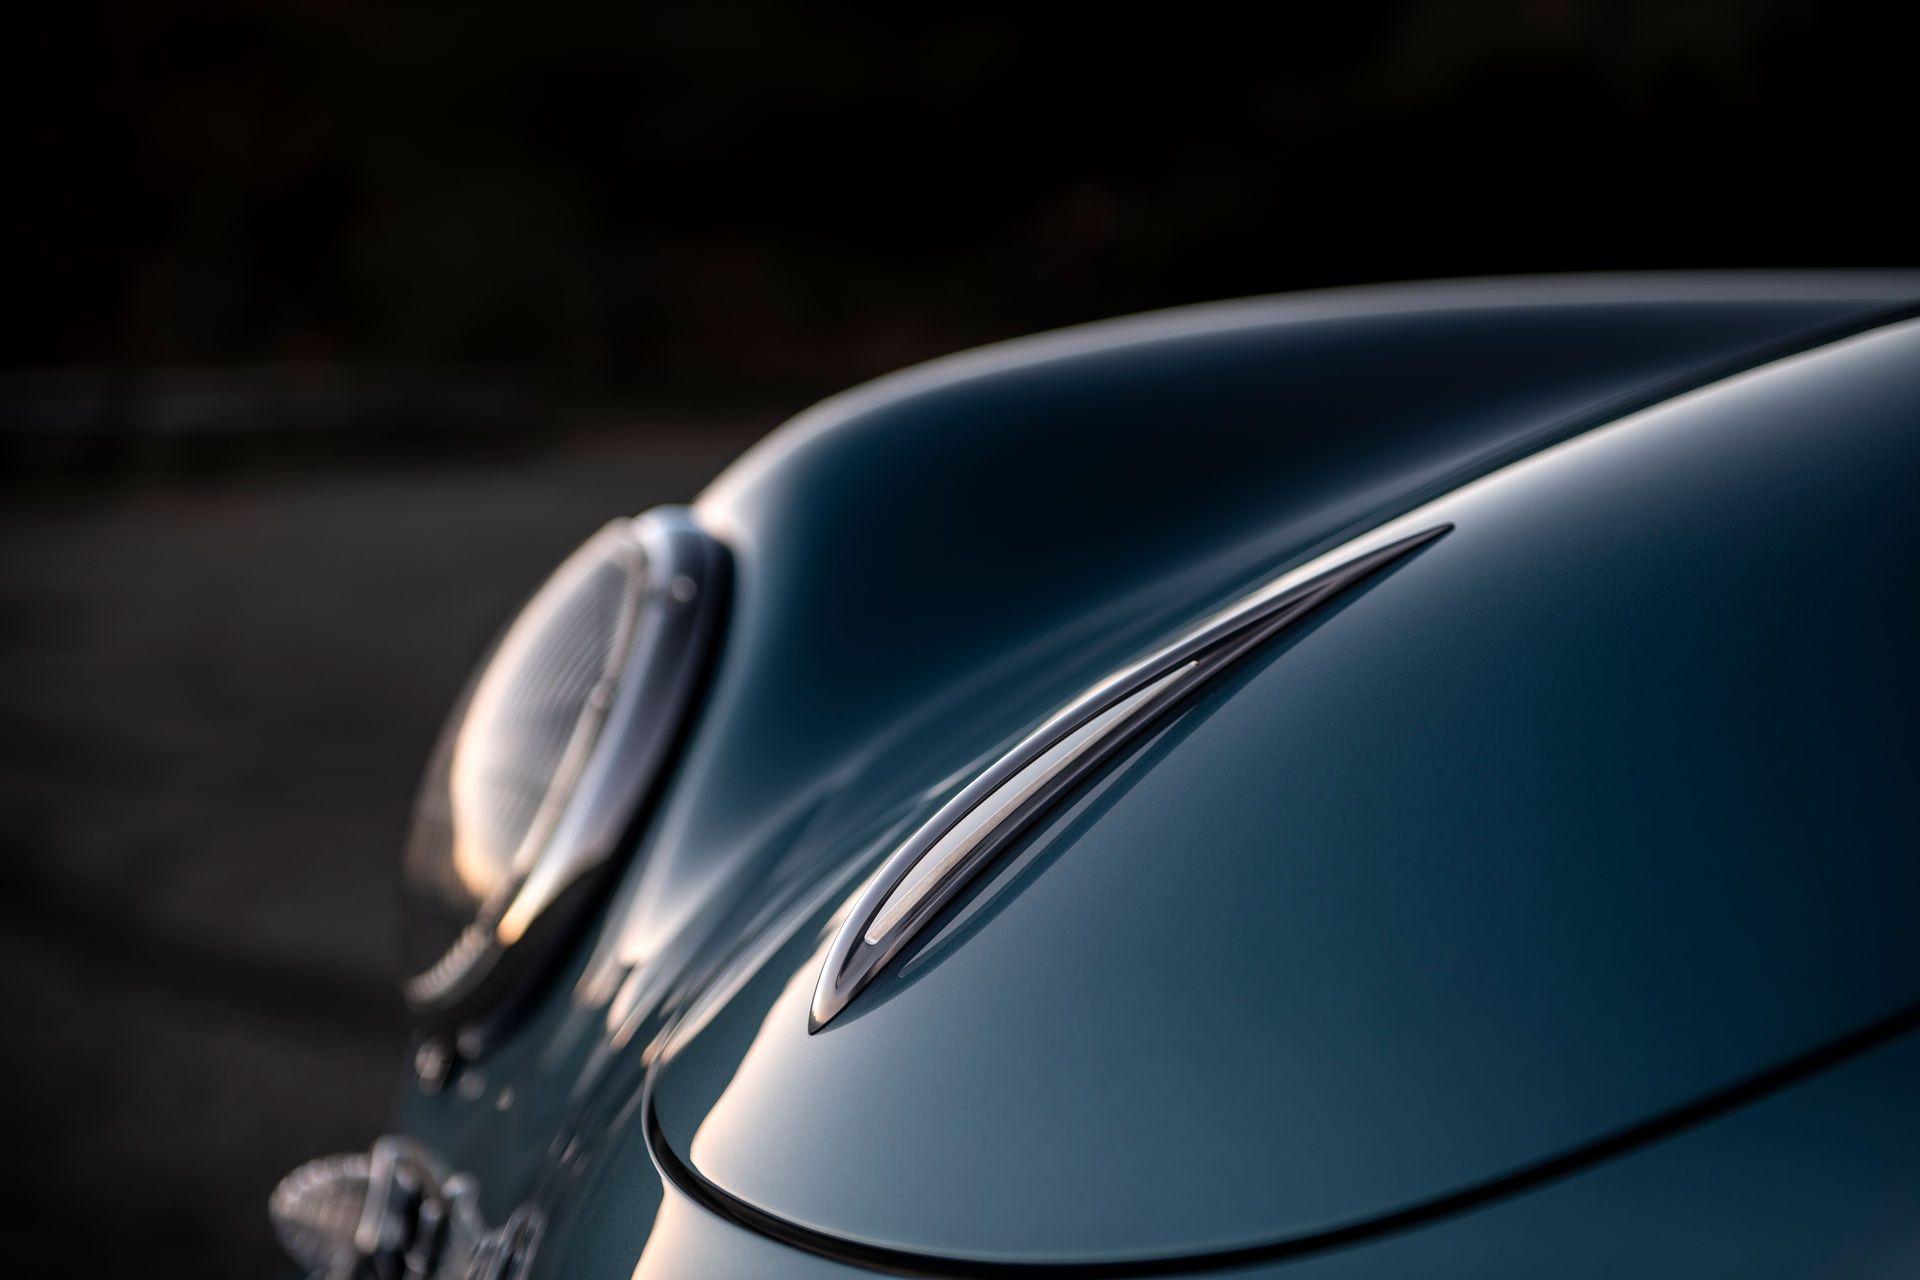 Porsche-356-A-Coupe-Restomod-Emory-Motorsports-56